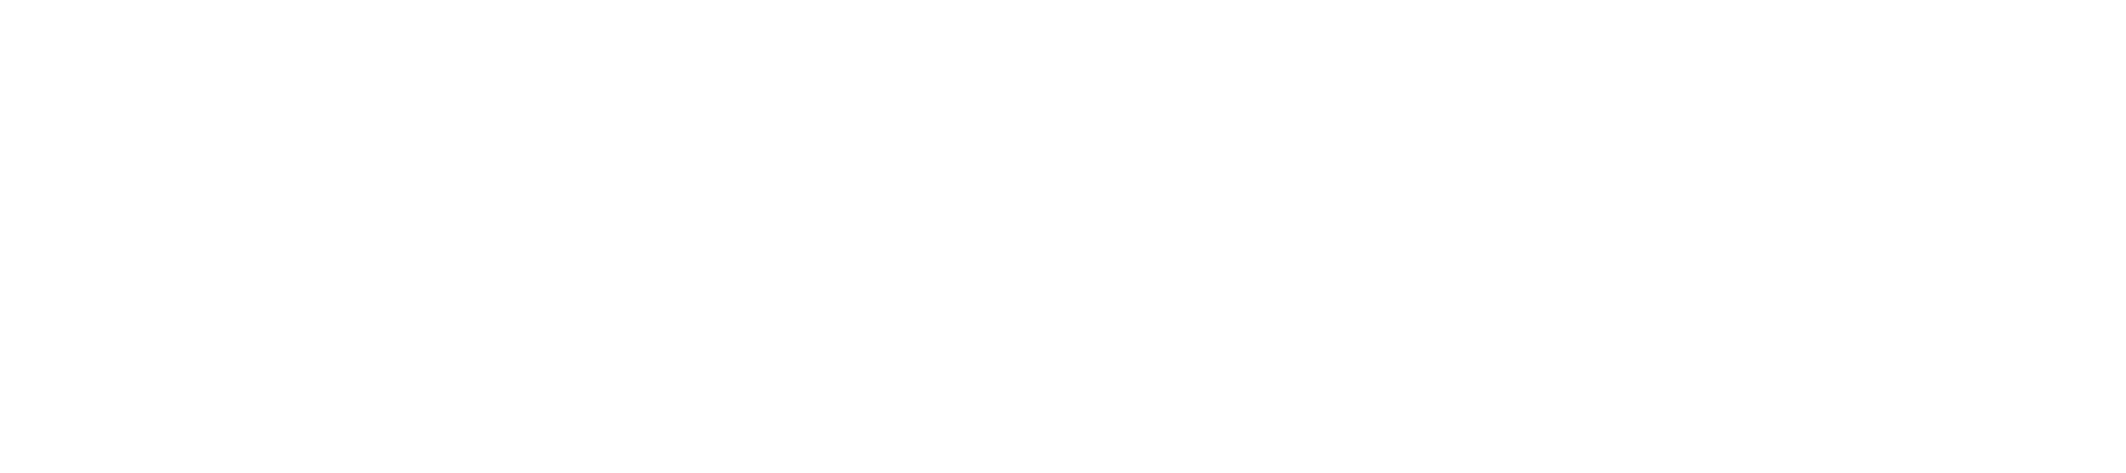 Bouwbedrijf G.M. van de Waal B.V.